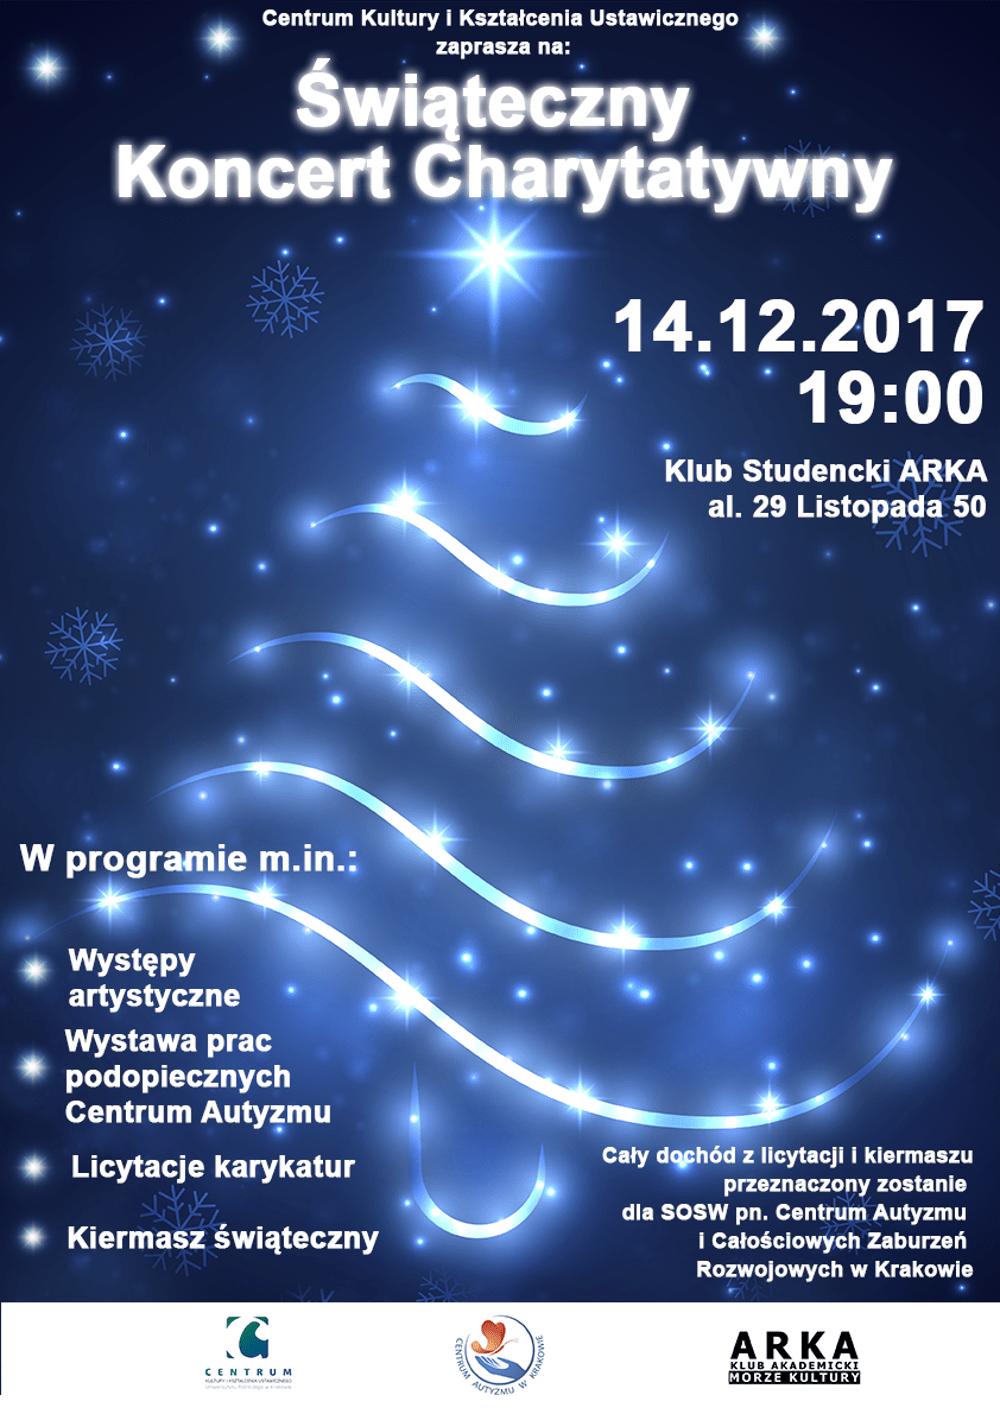 Koncert odbędzie się 14 grudnia 2017 roku o godz. 19:00.